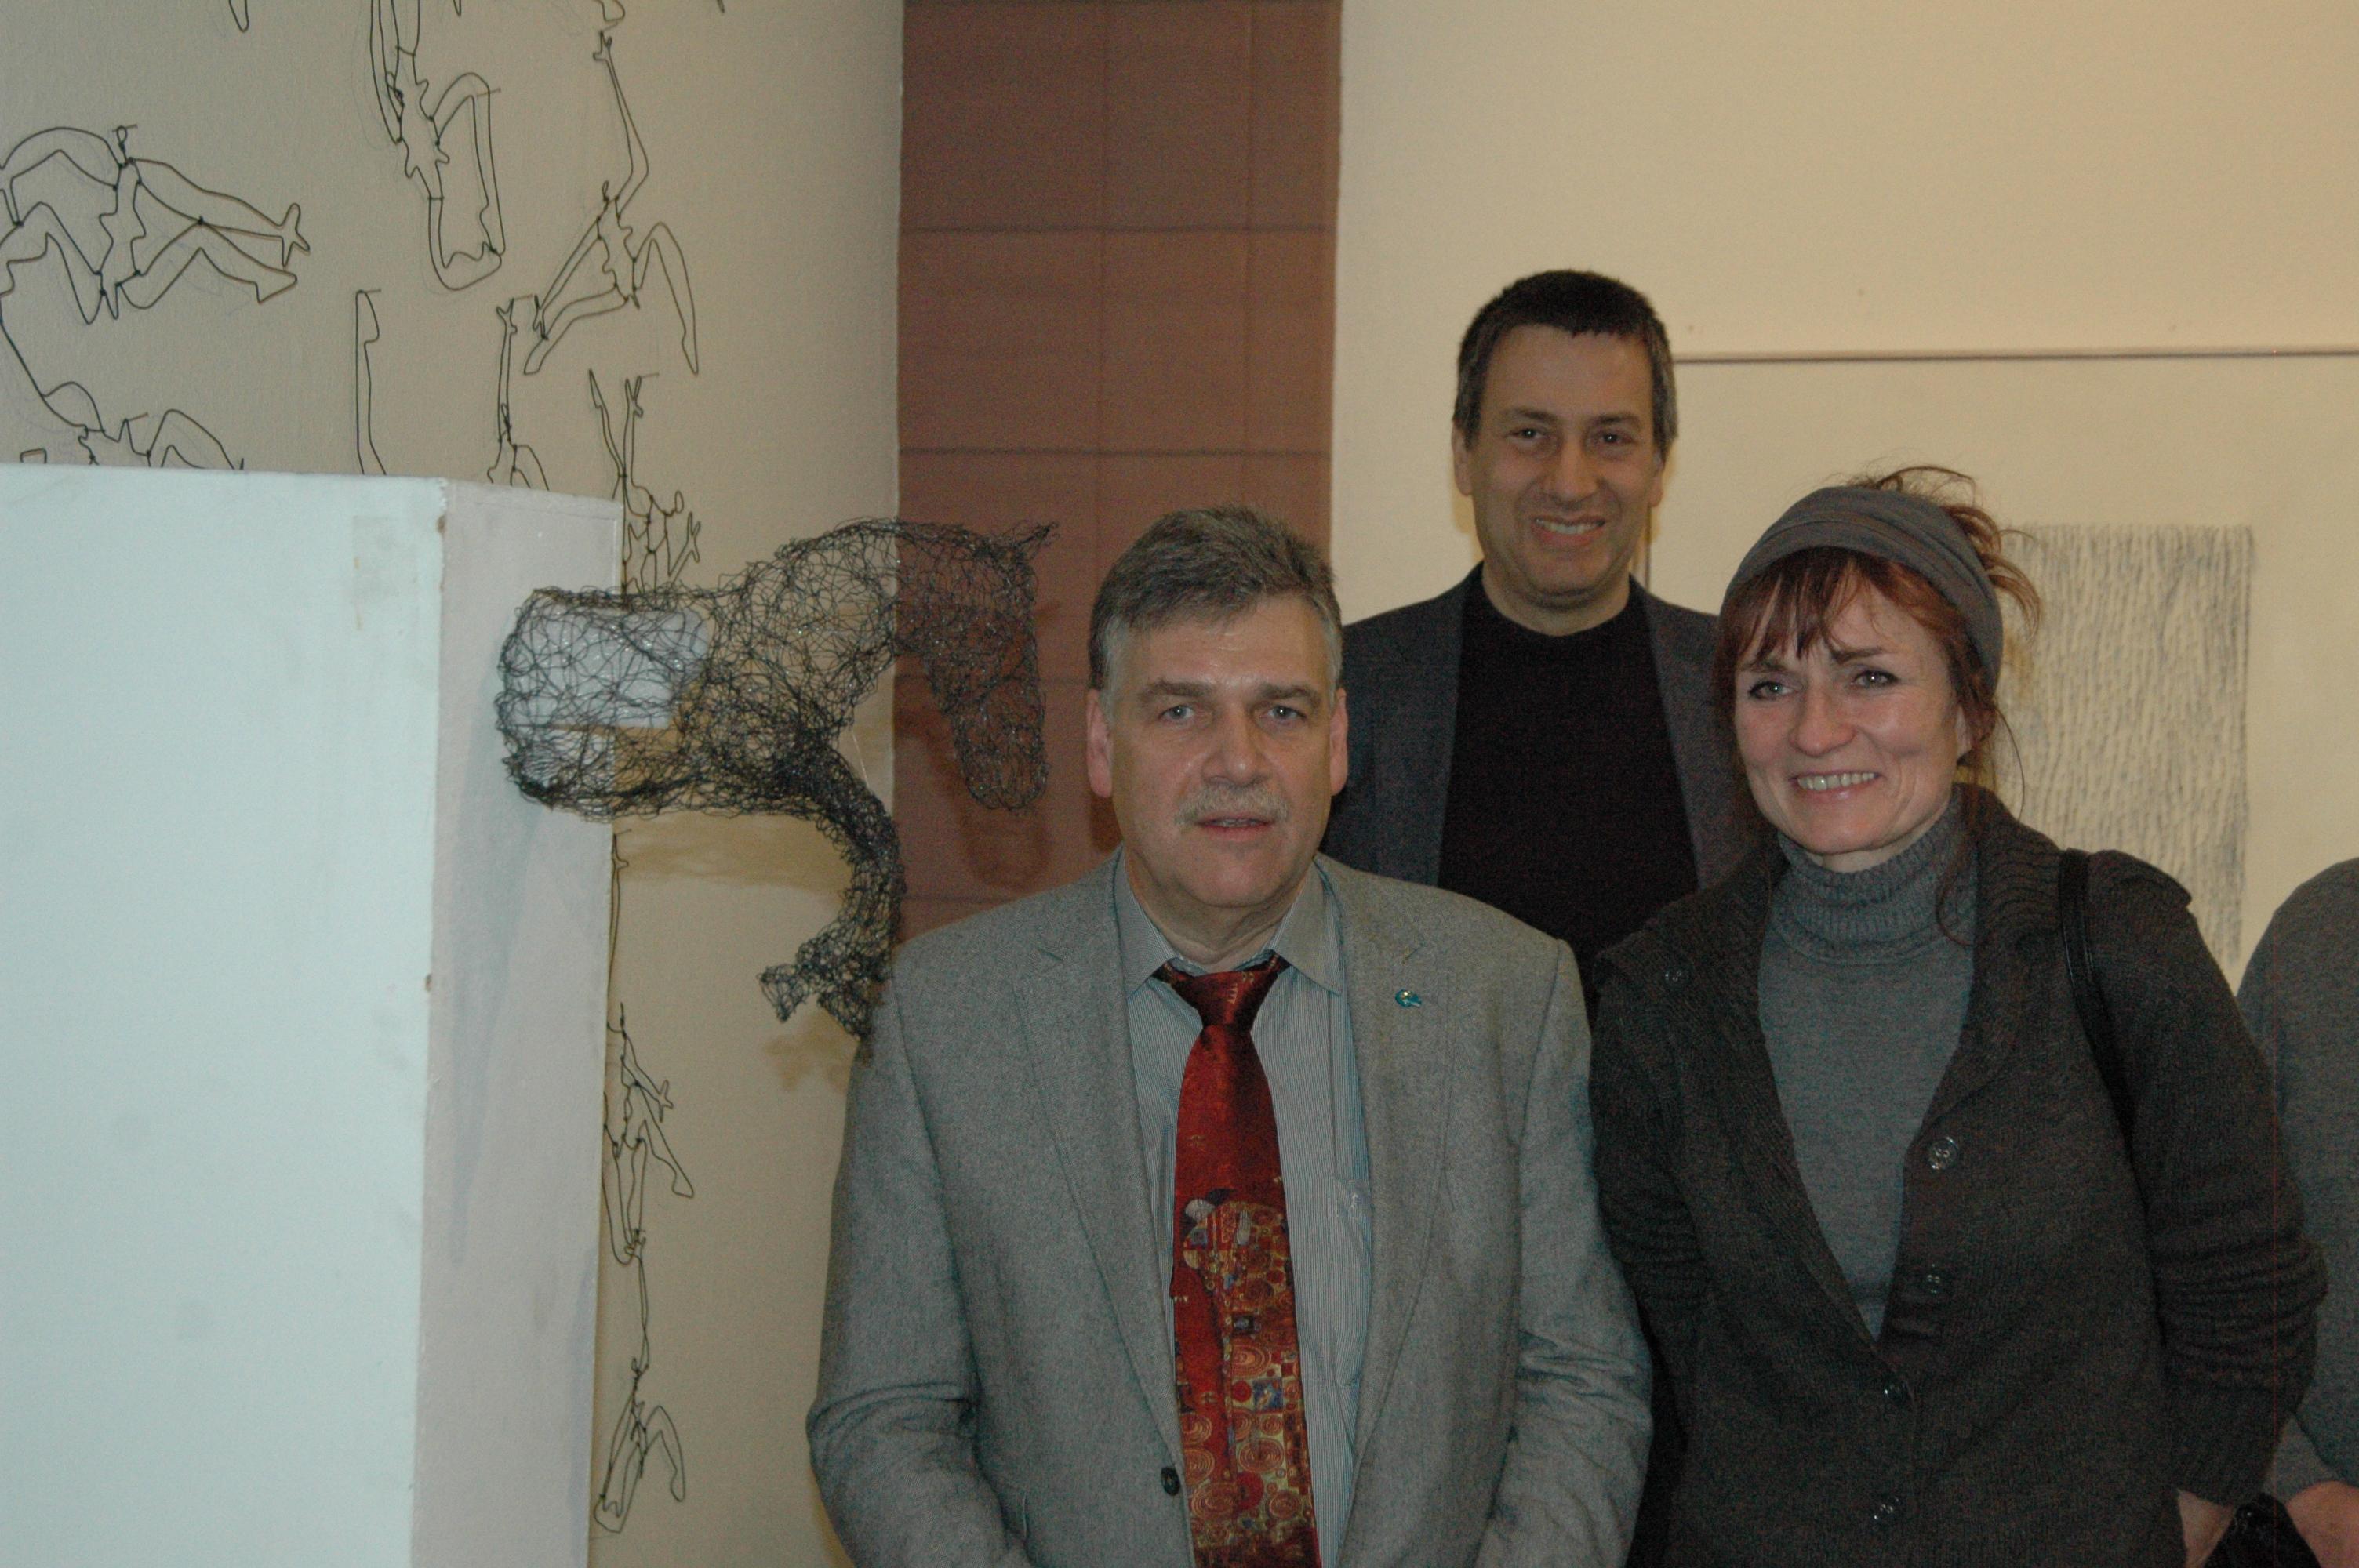 Neues Kunstwerk für das Drahtmuseum! | Freunde der Burg Altena